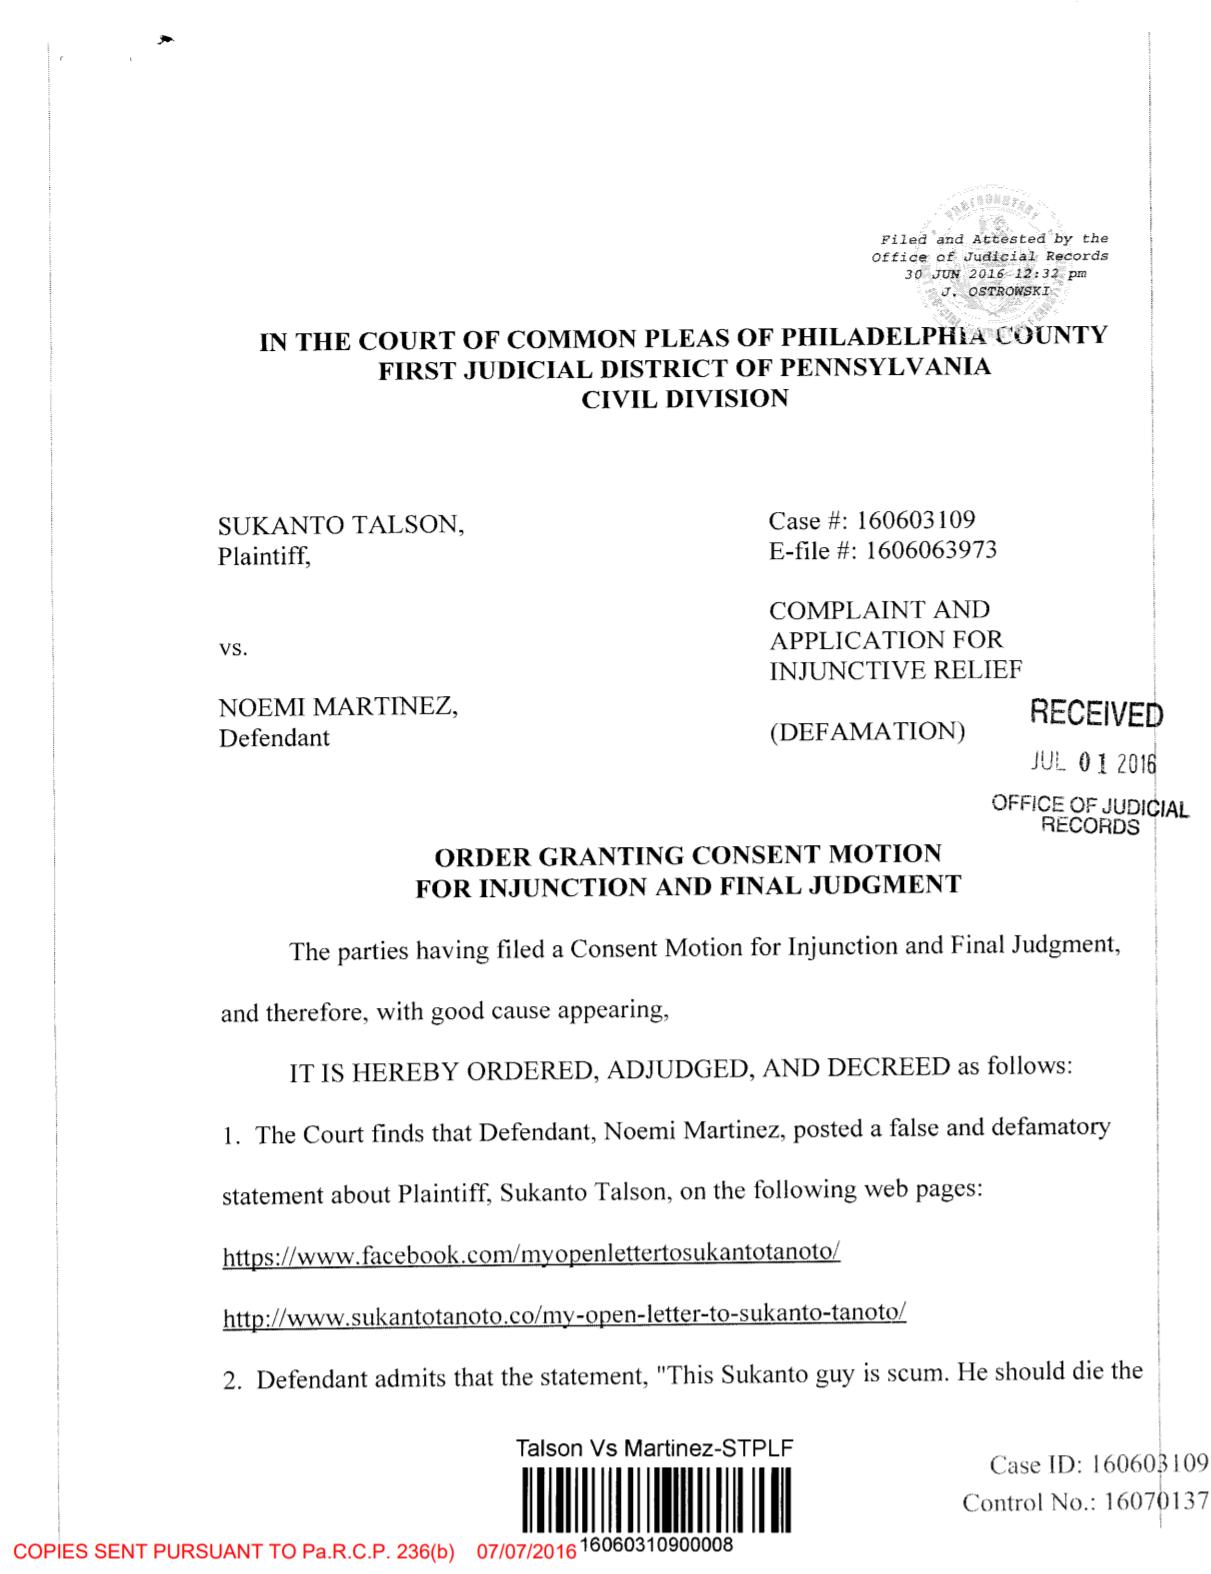 Sukanto Tanoto Fake Court Order